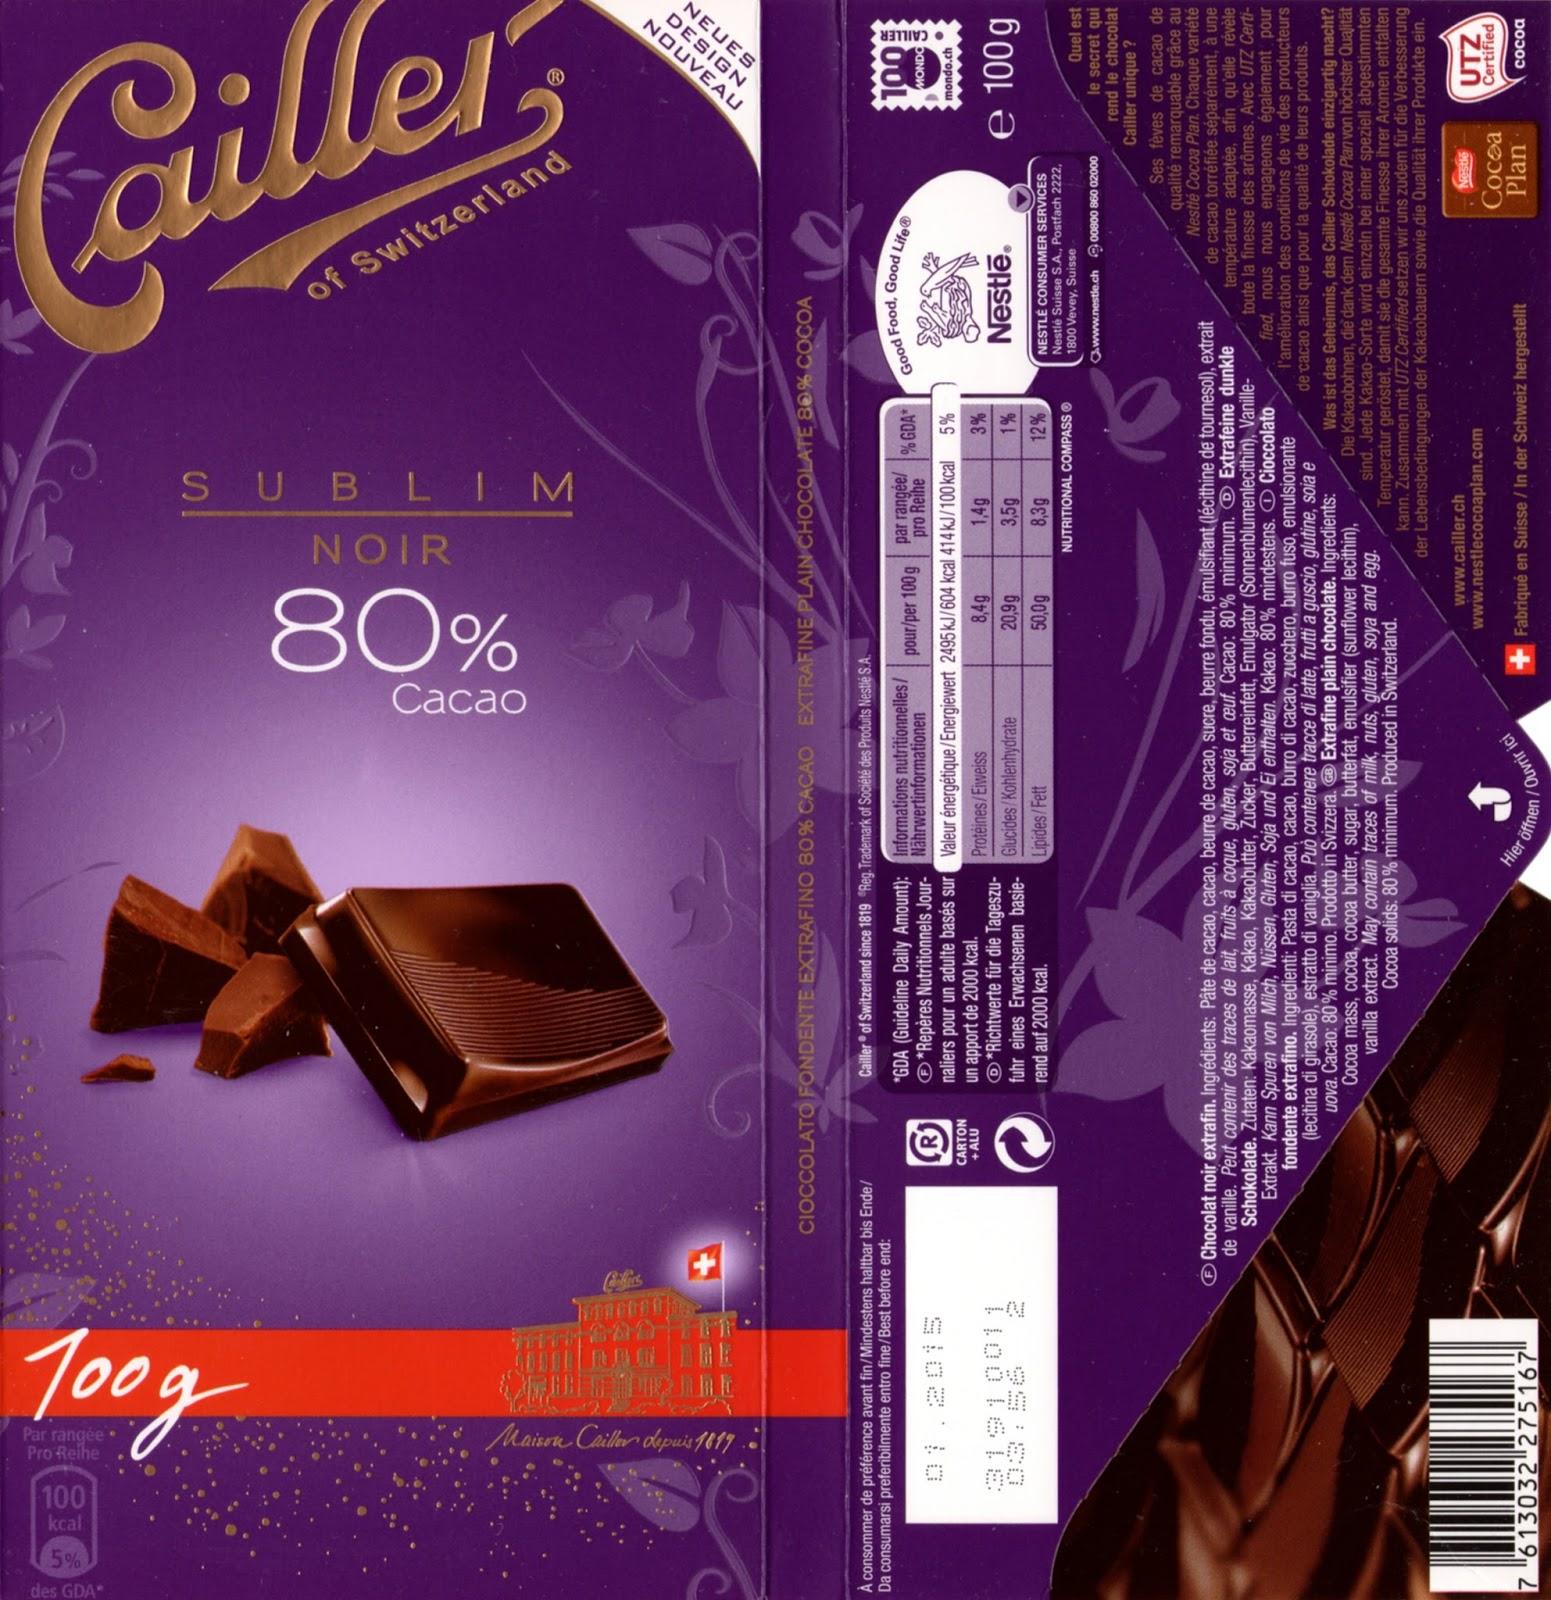 tablette de chocolat noir dégustation cailler sublim noir 80